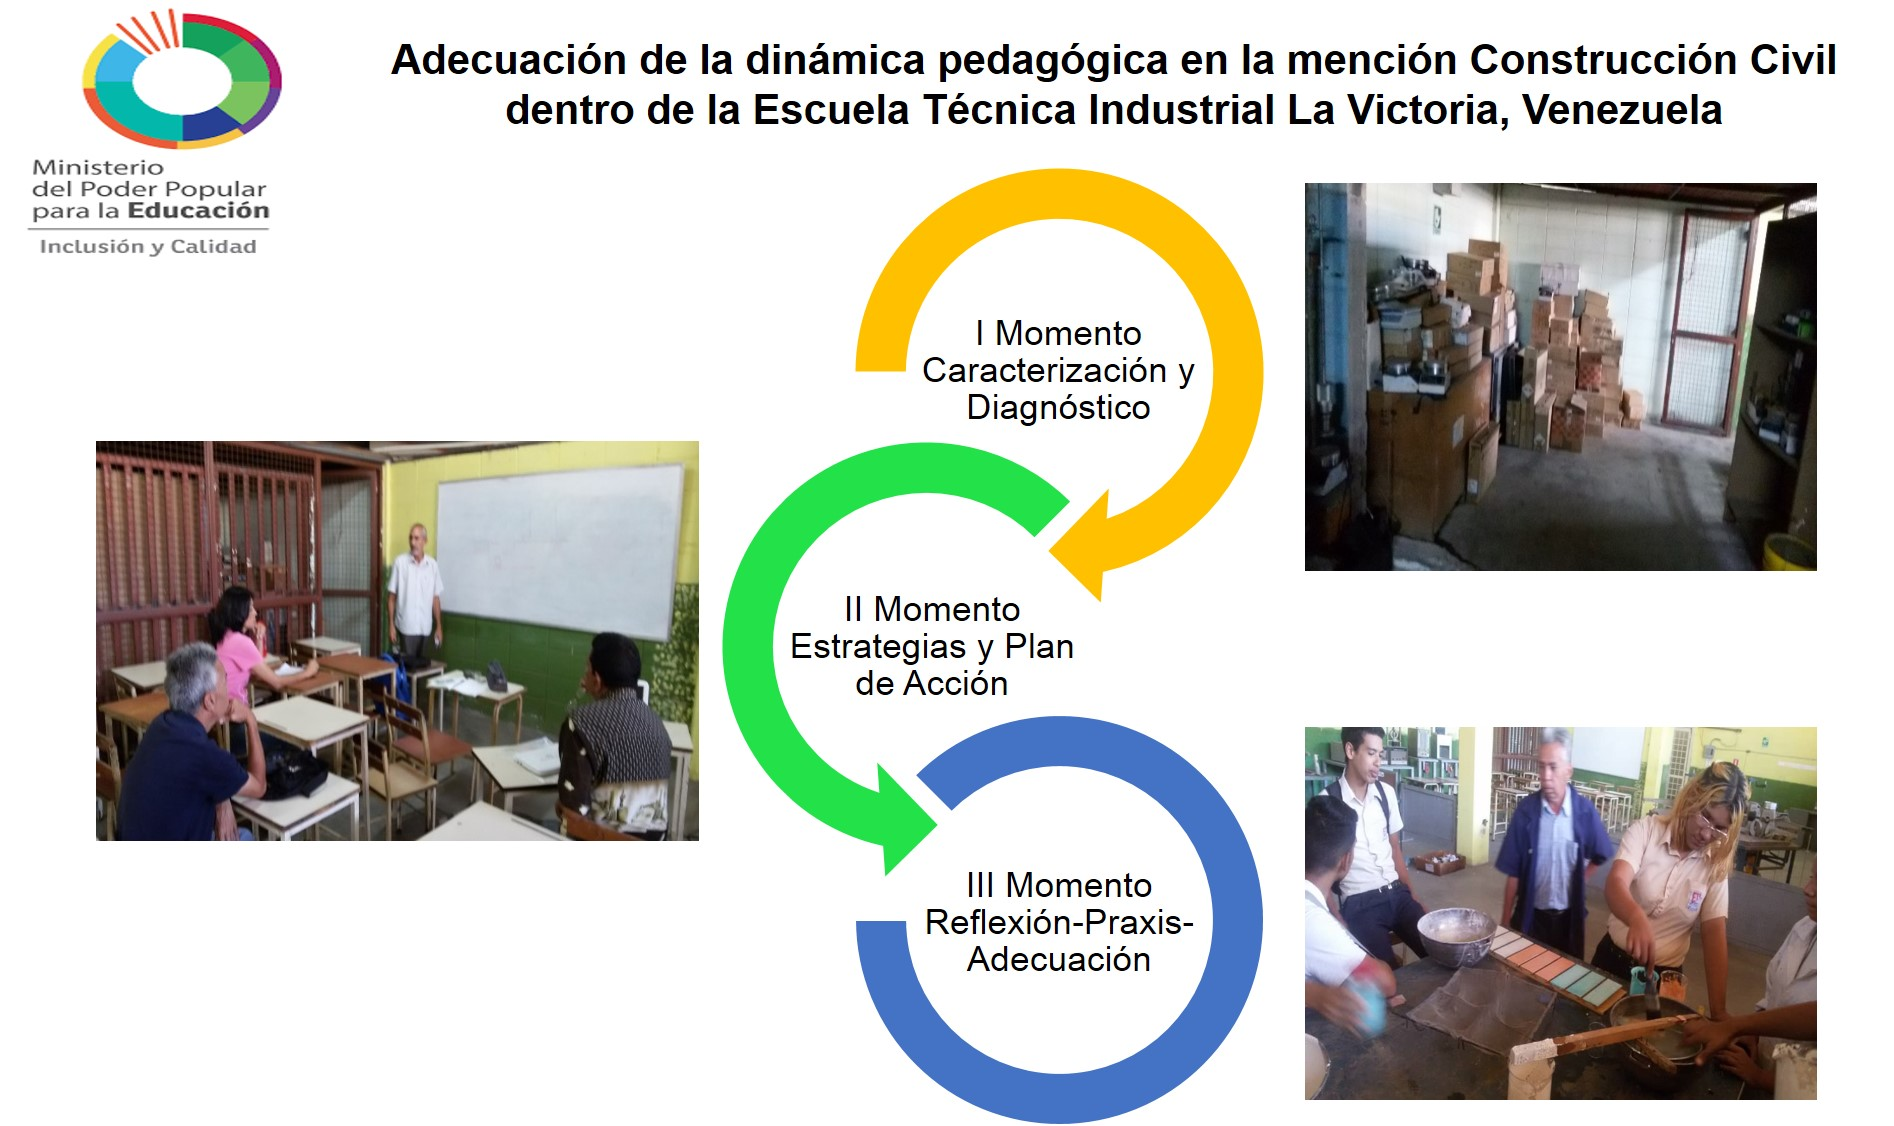 actualización de conocimientos, aprendizaje, calidad de la educación, formación de docentes, práctica pedagógica